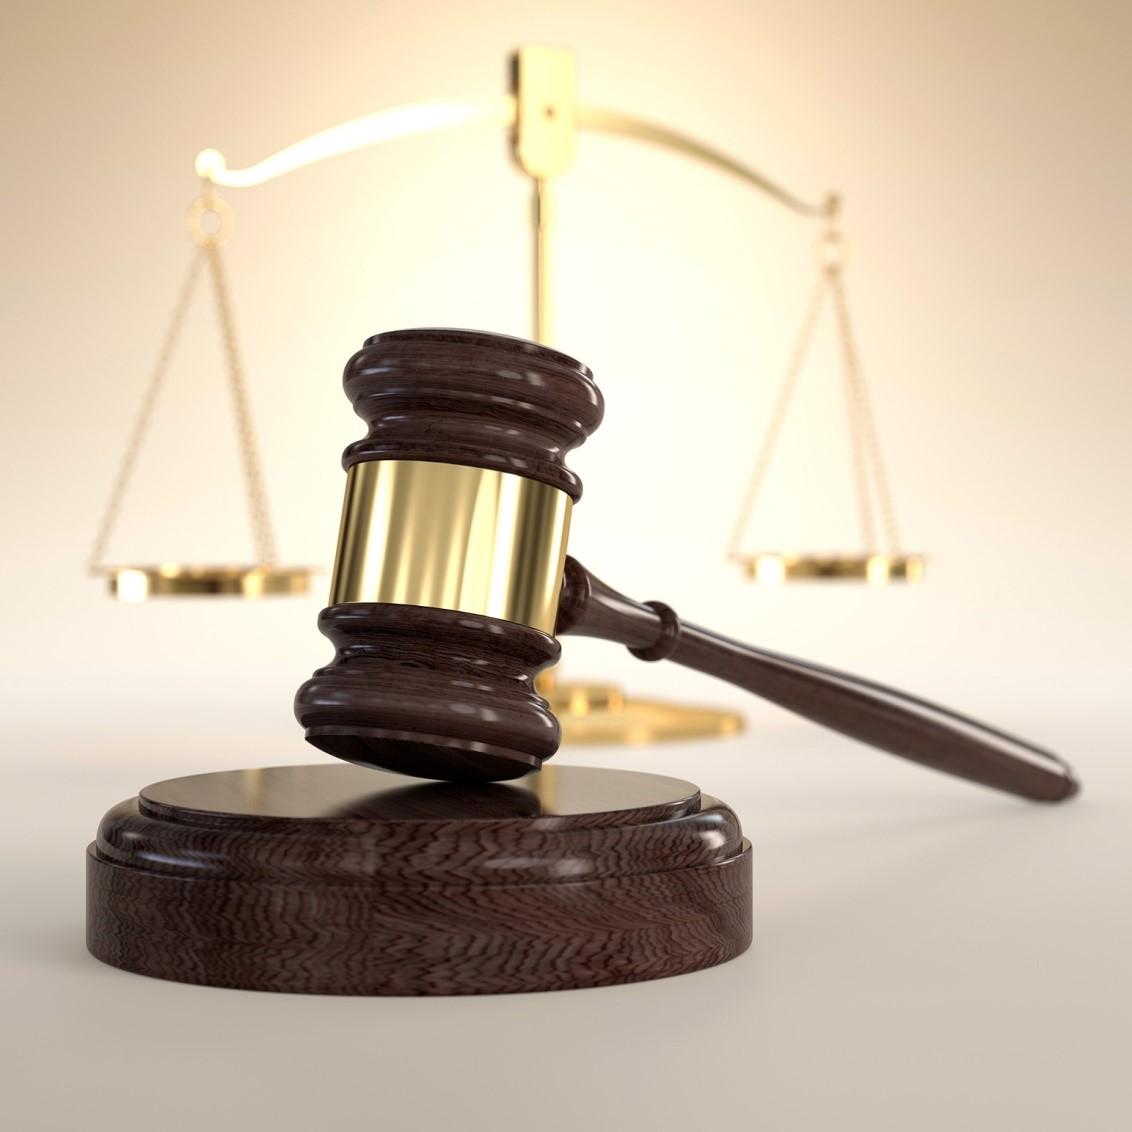 وکیل کیفری به طور کلی چه کمک هایی به موکل خود می کند؟